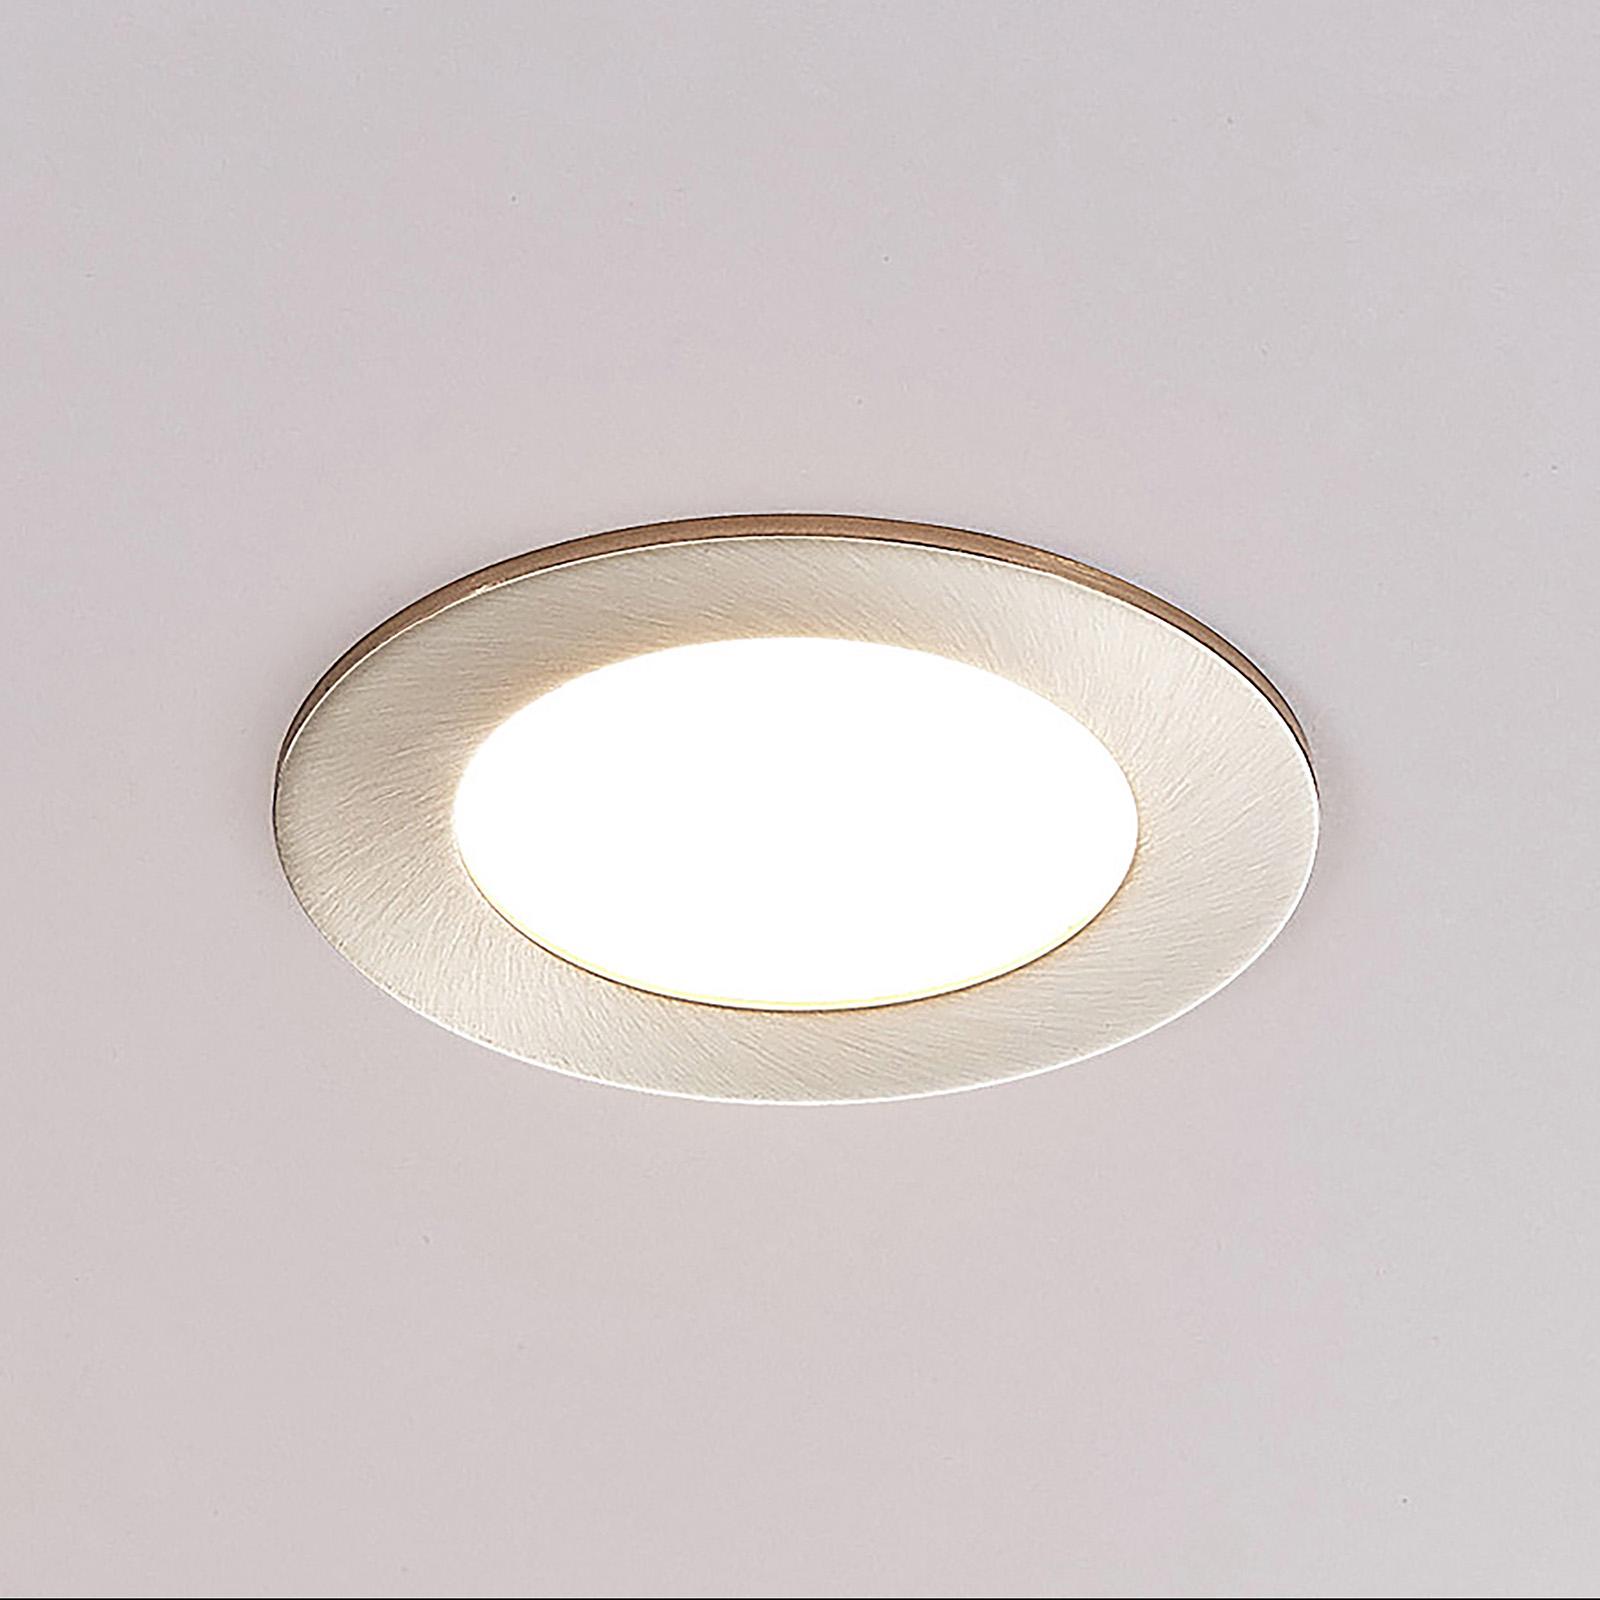 ELC Jupiter LED-uppovalaisin, 3 kpl, nikkeli